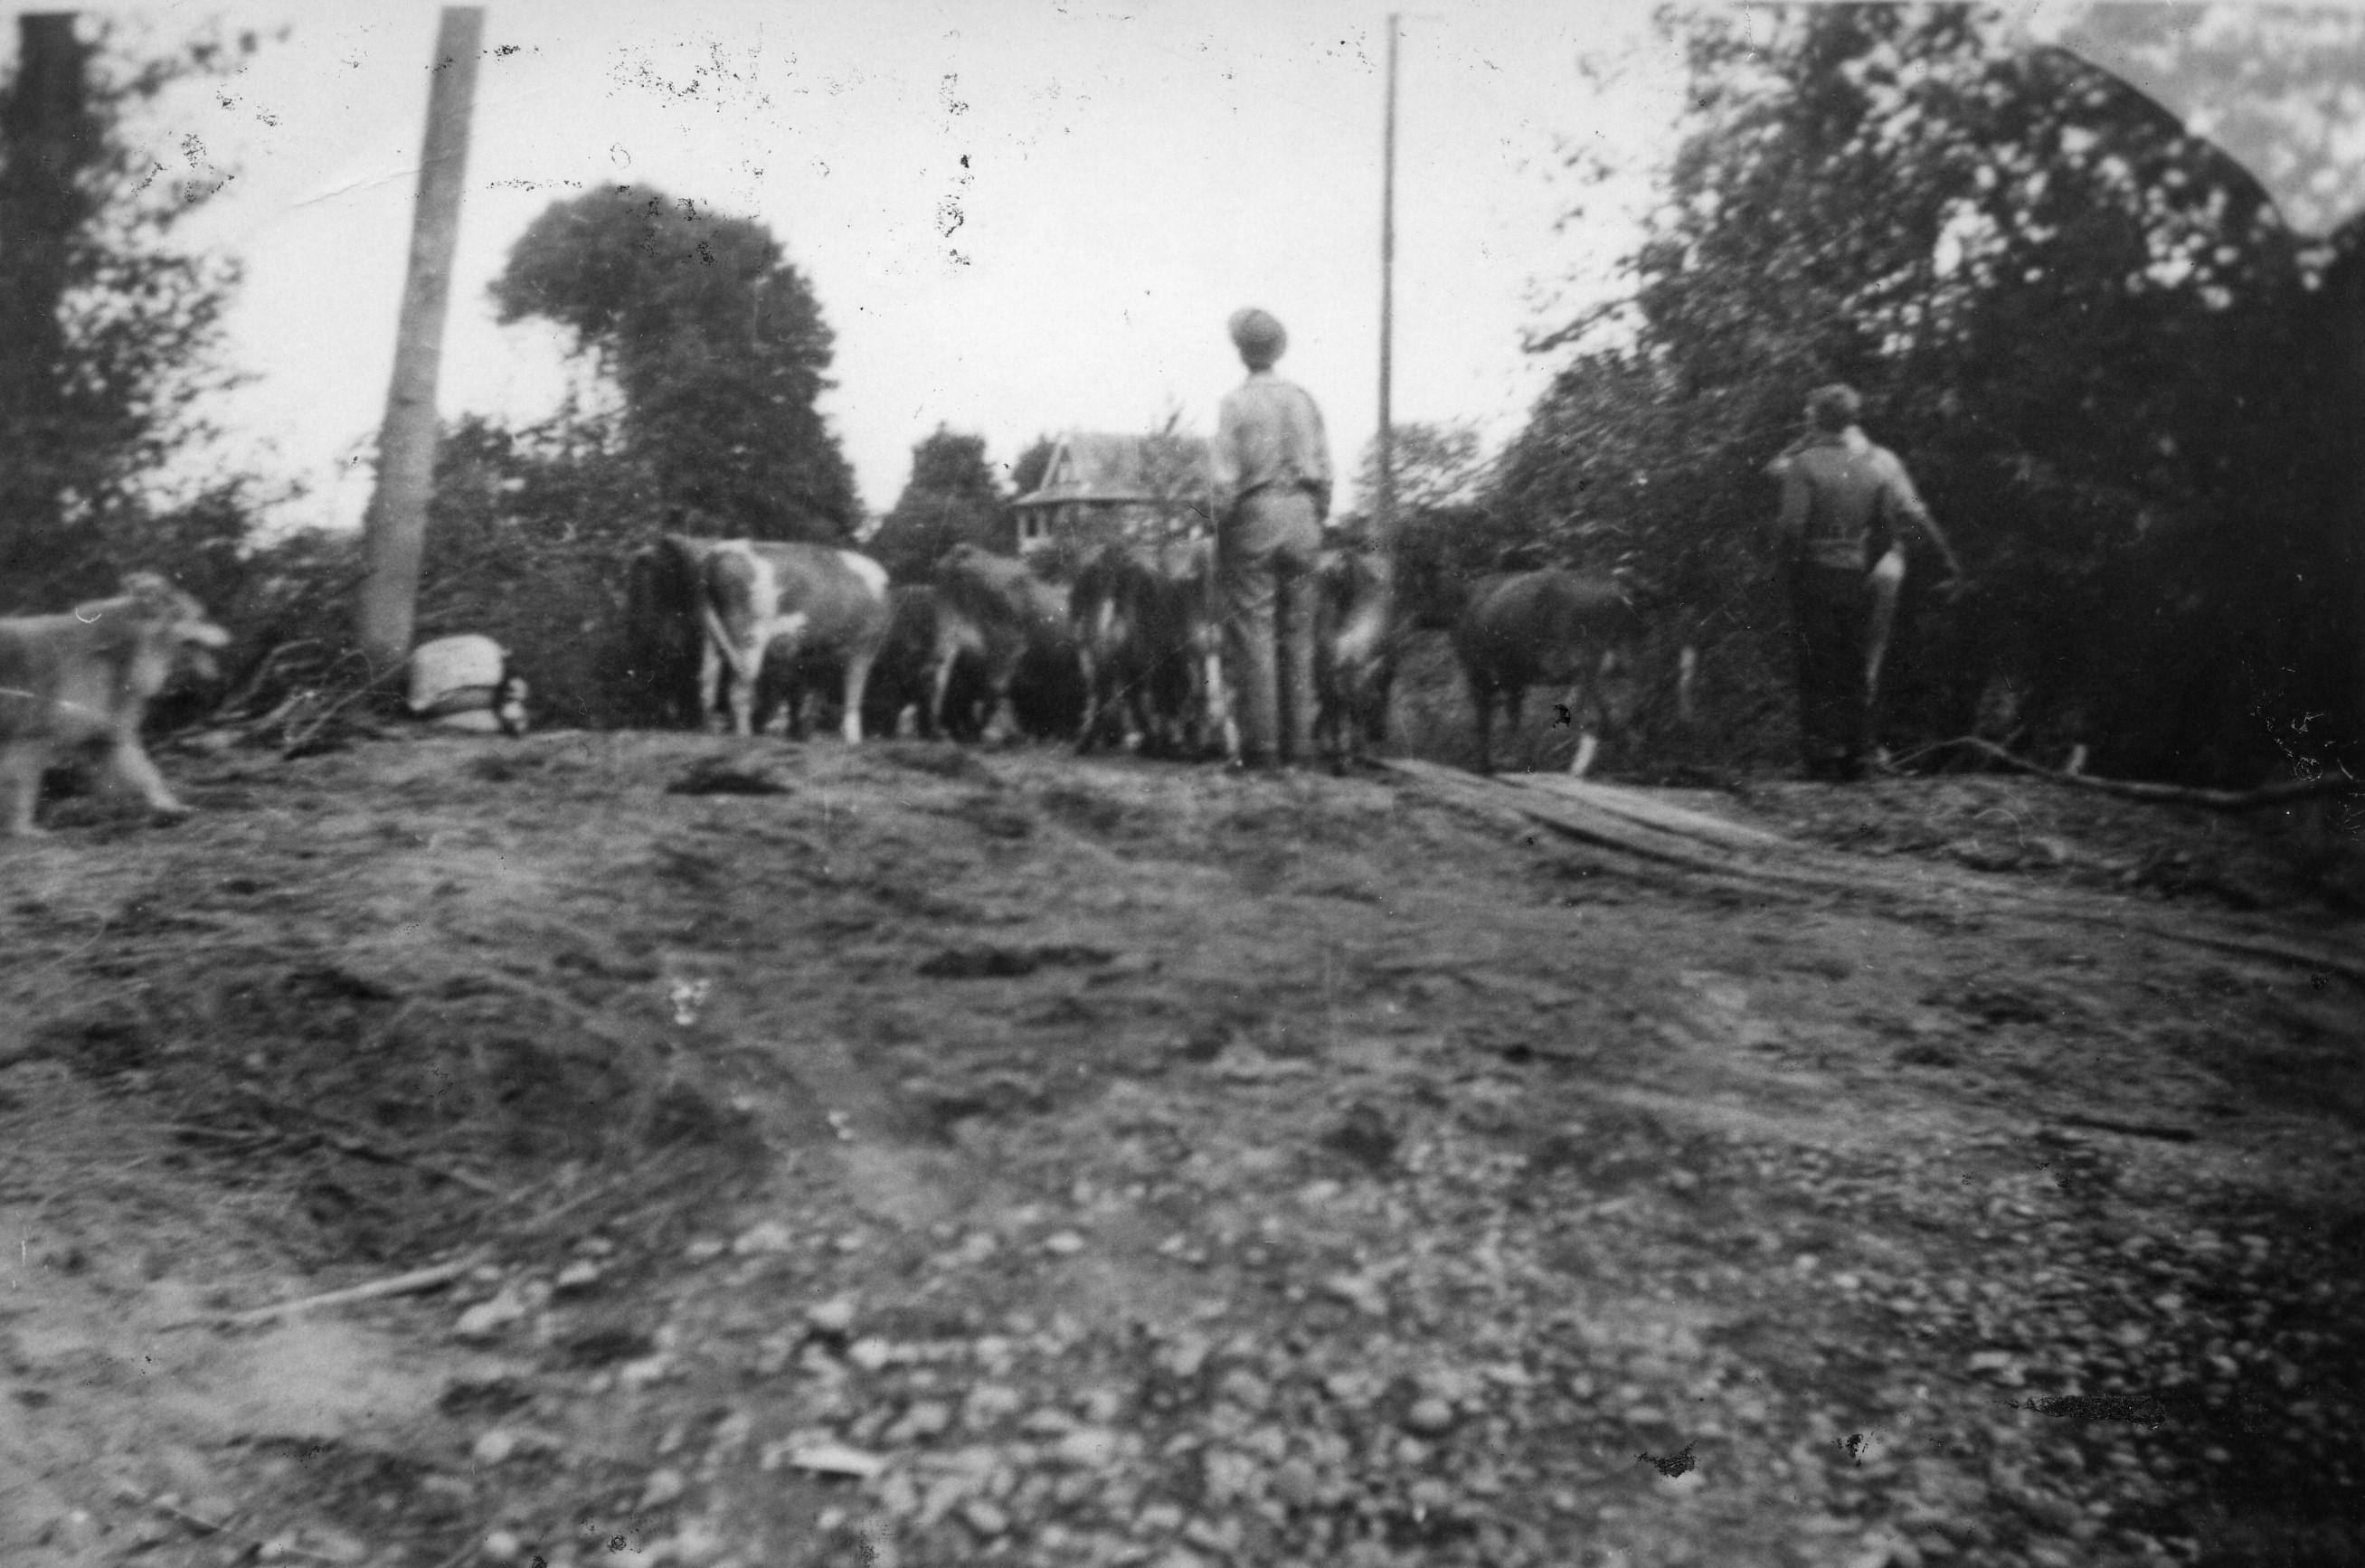 Photo en noir et blanc de vaches en train d'être rassemblées sur une colline.